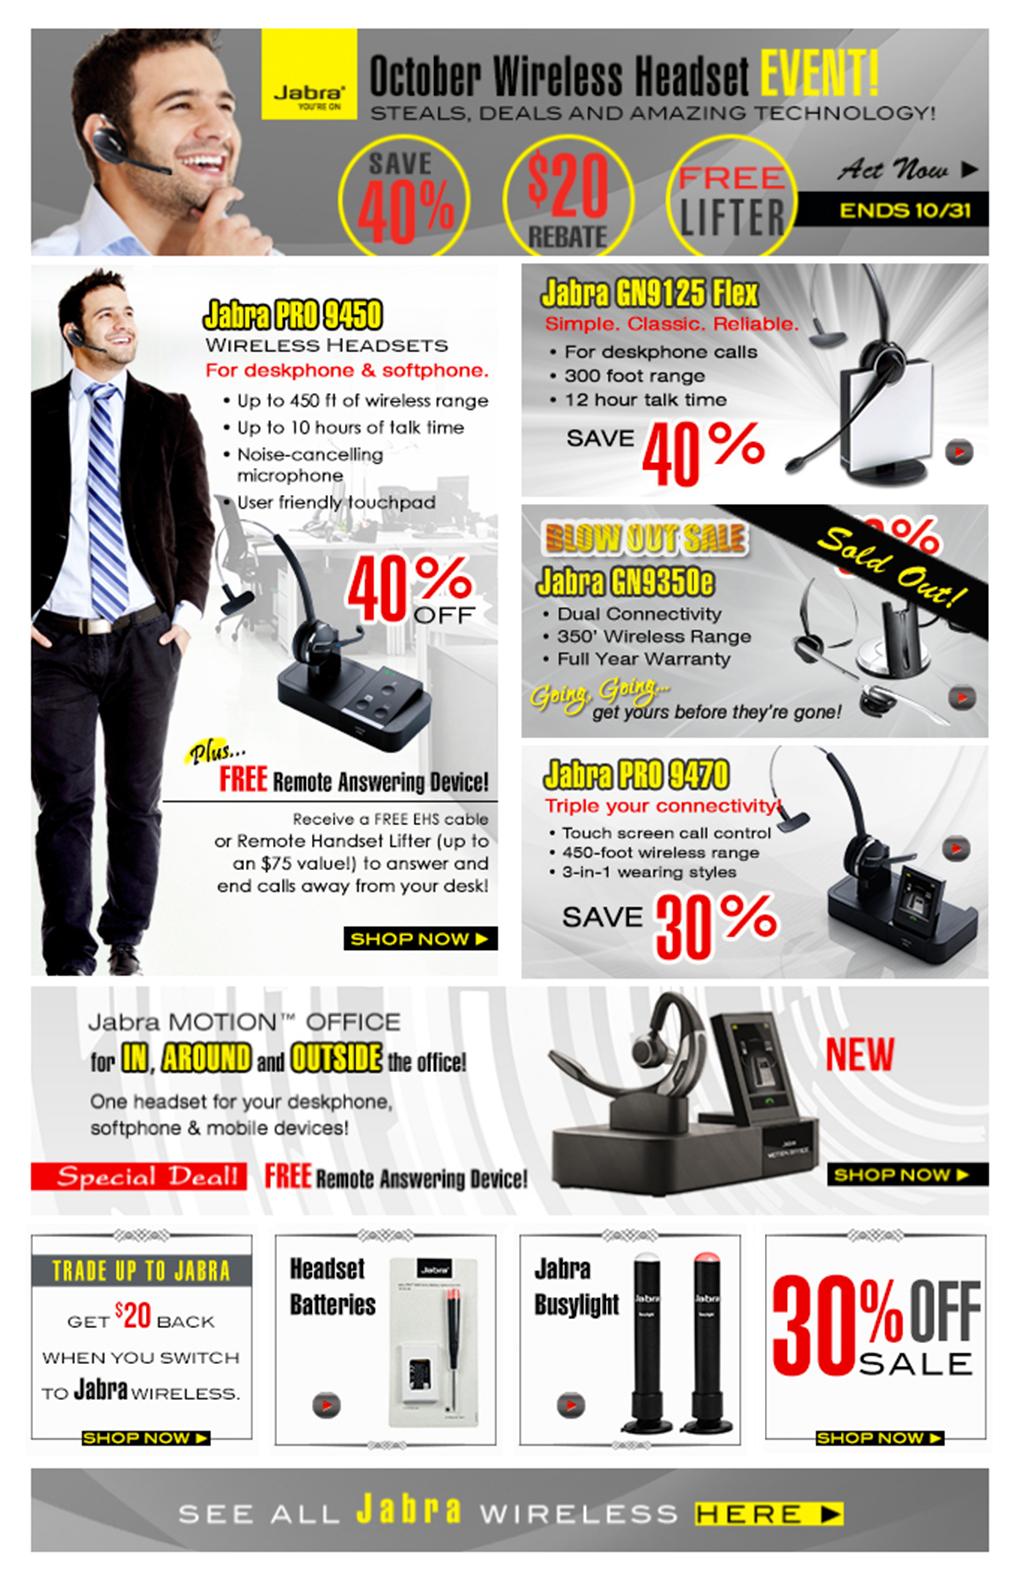 Jabra Headset Sale Event